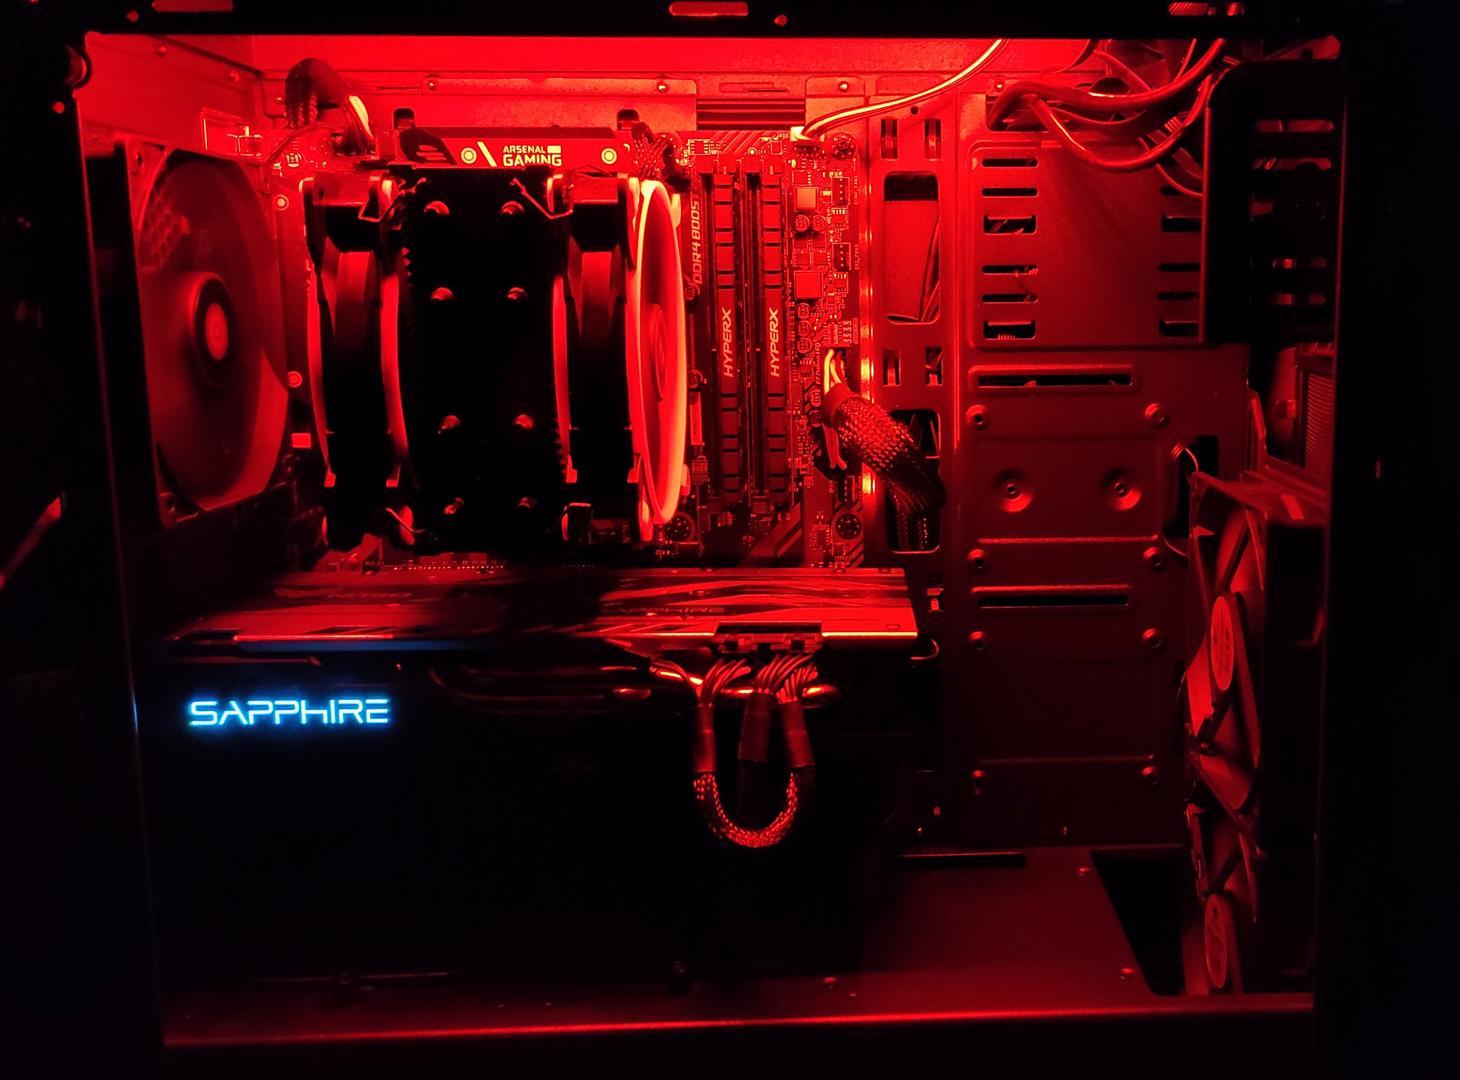 Kompletní herní počítač - foto 1